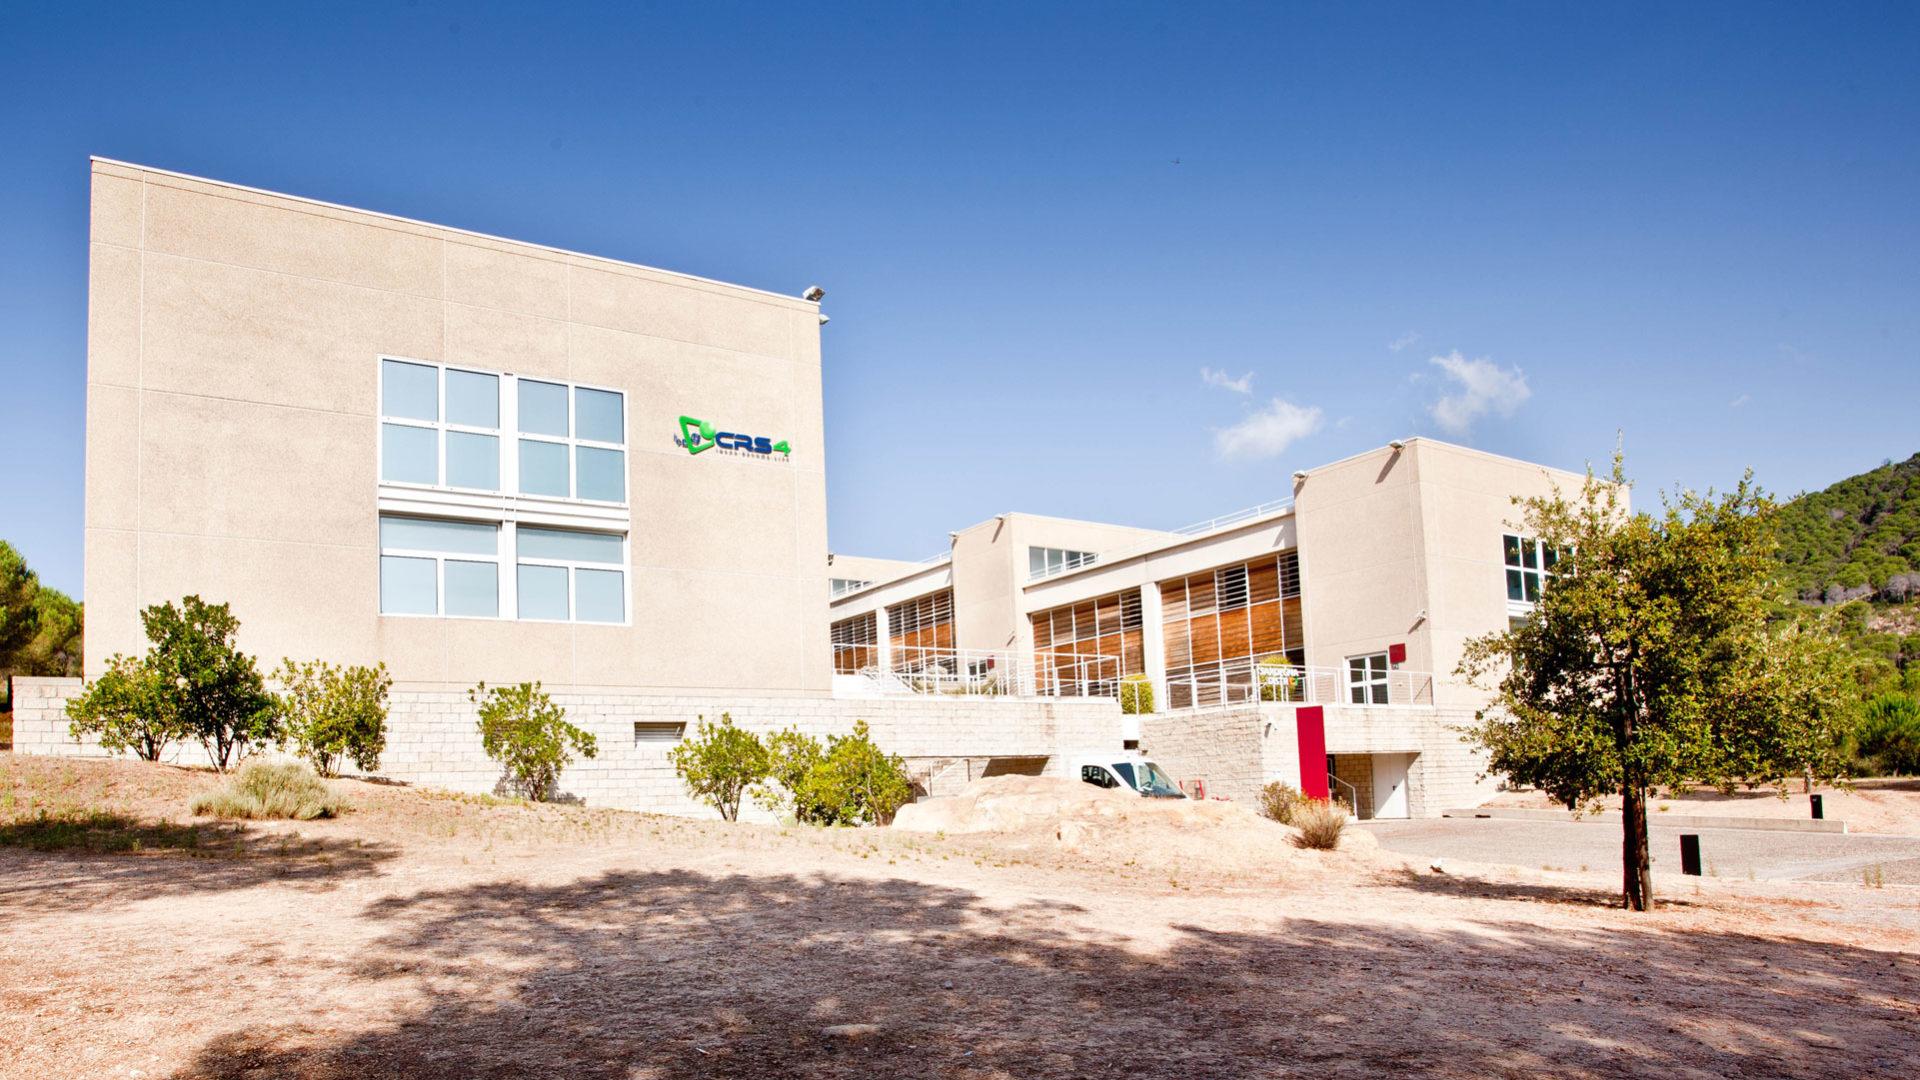 foto con alcuni edifici del crs4